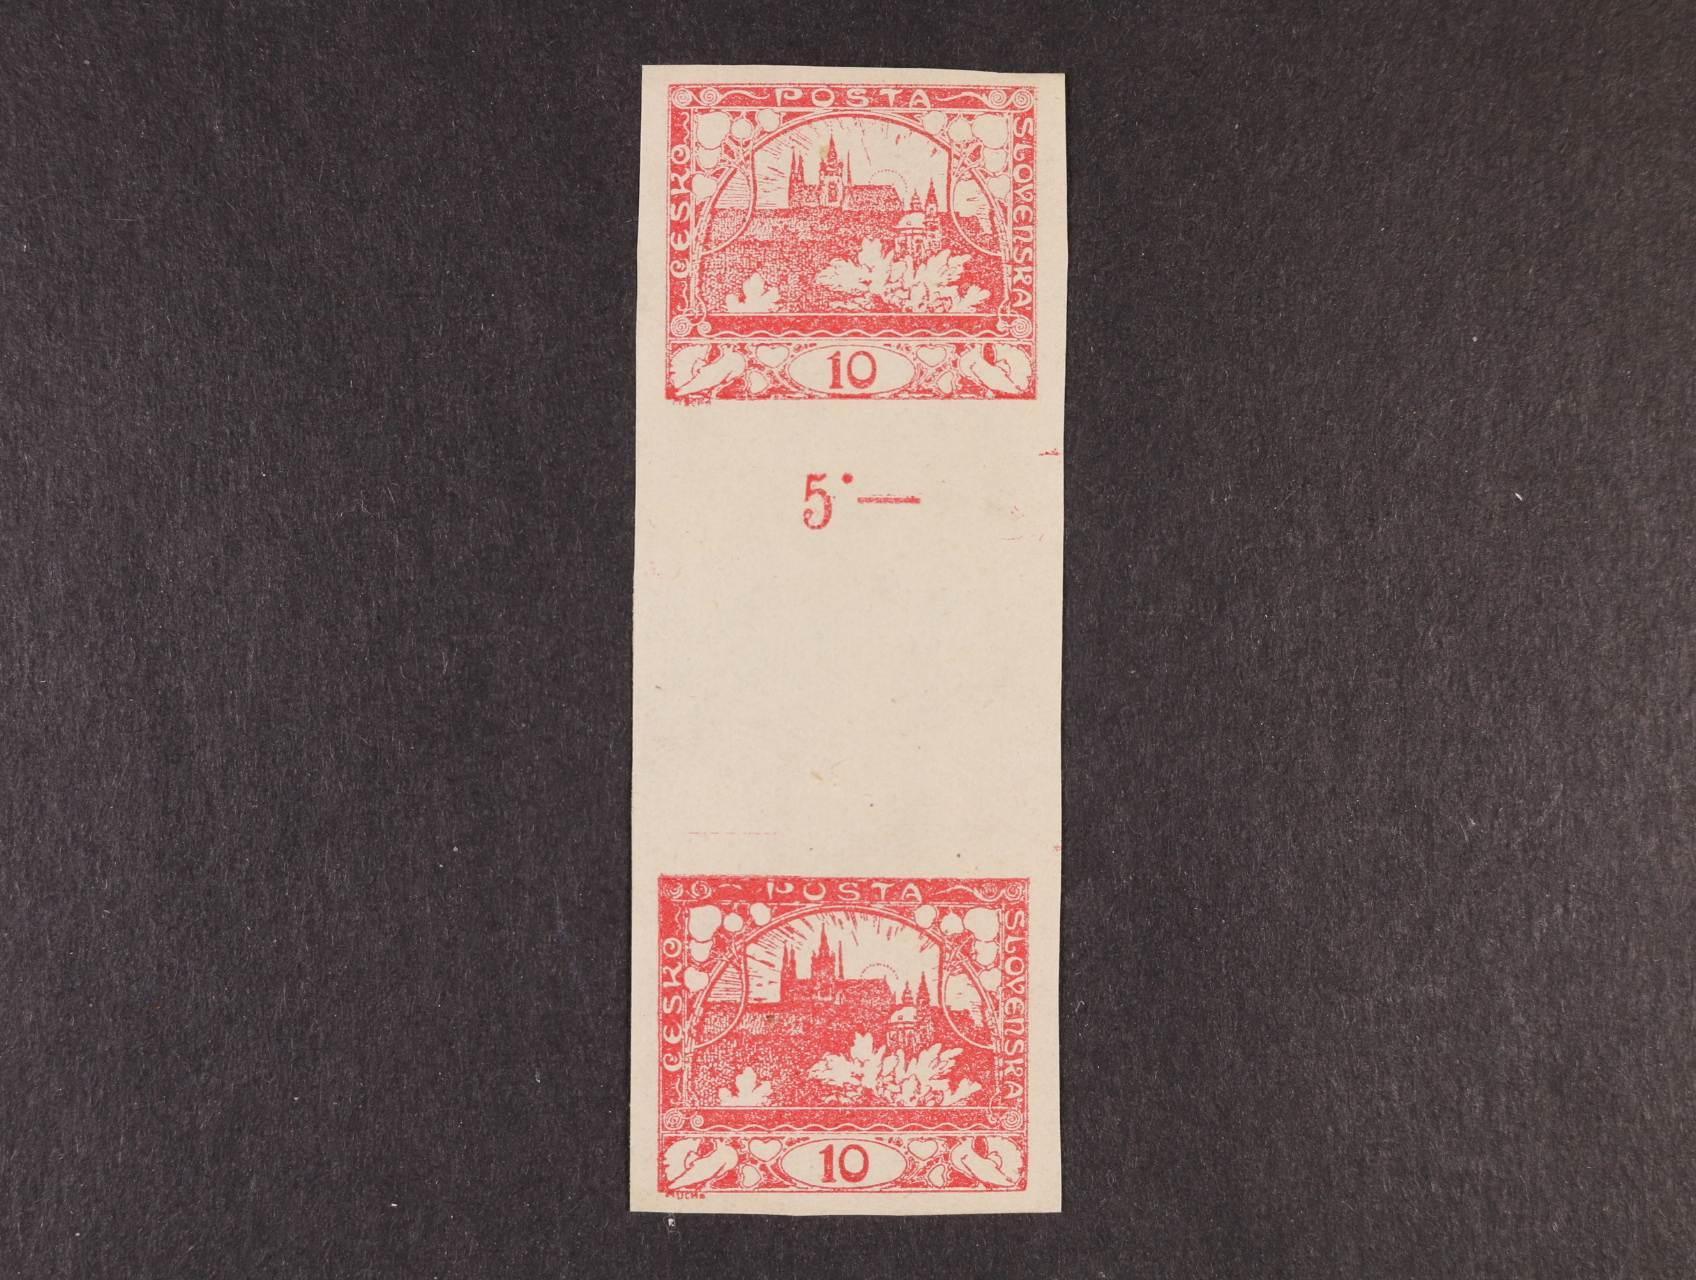 zn. č. 5 Ms - dvojzn. stejnosměrné meziarší nepřeložené, kat. cena 7500 Kč